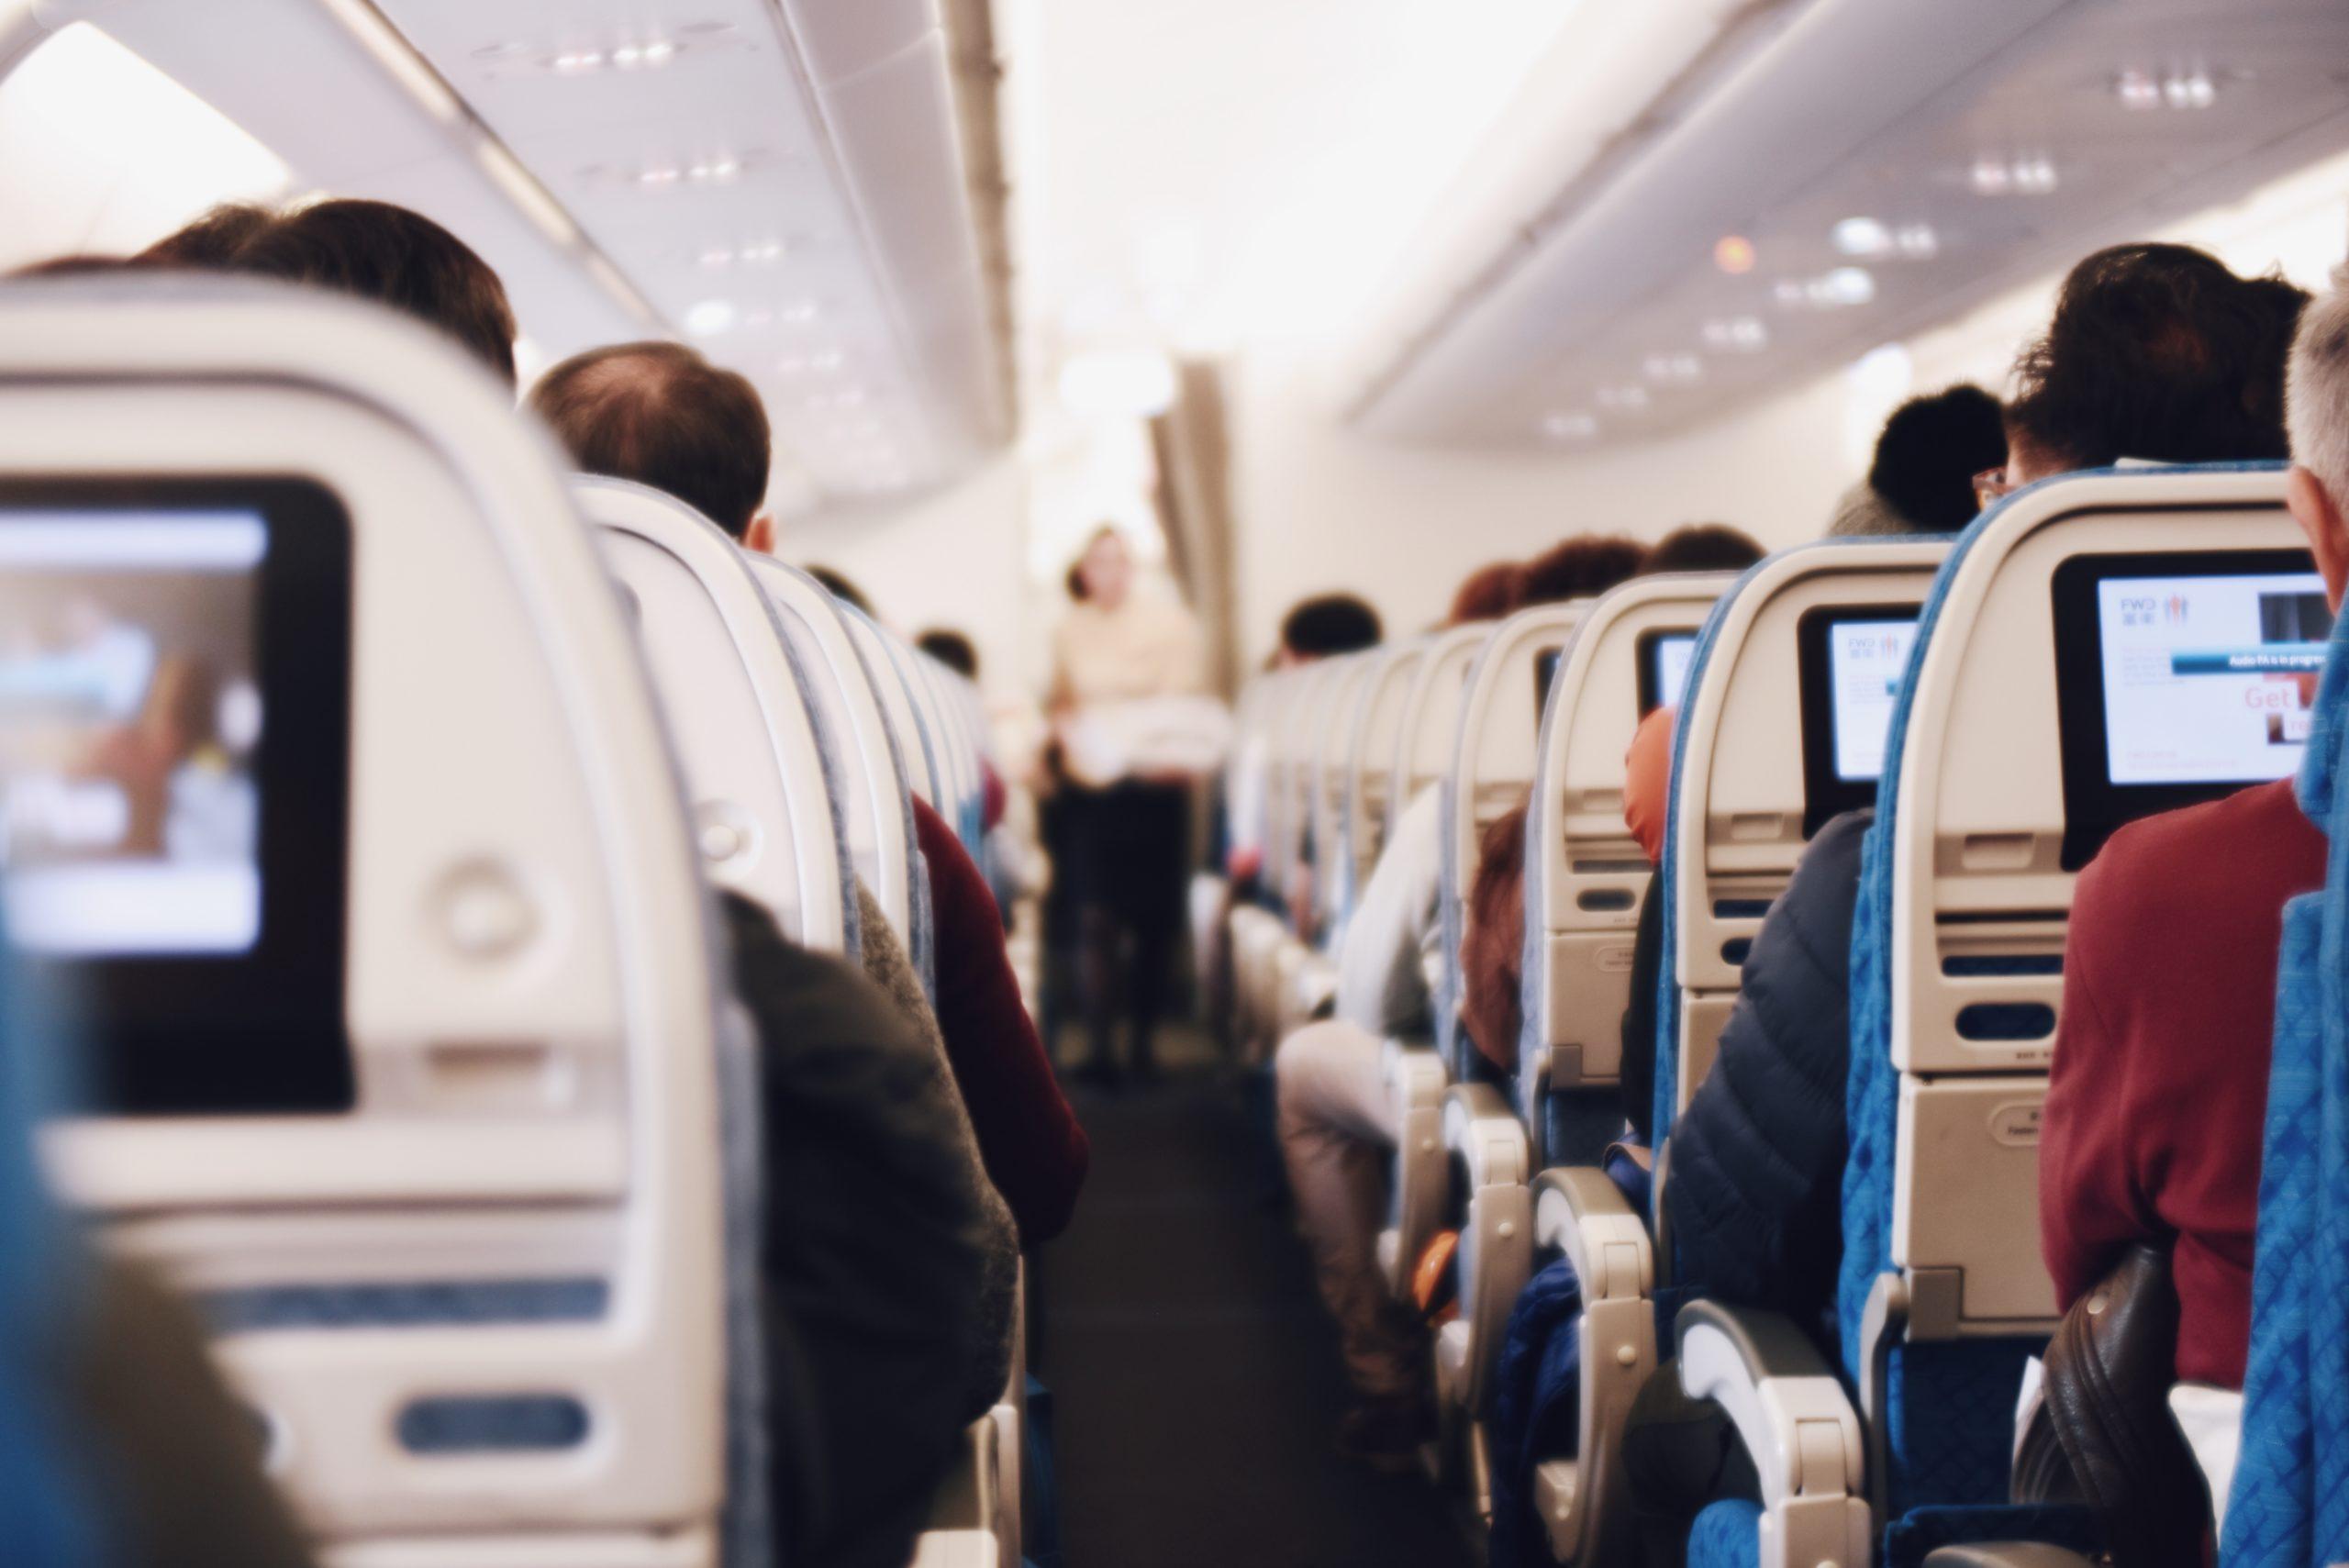 Que mettre dans son bagage cabine pour un vol long courrier - dear planet- blog voyages